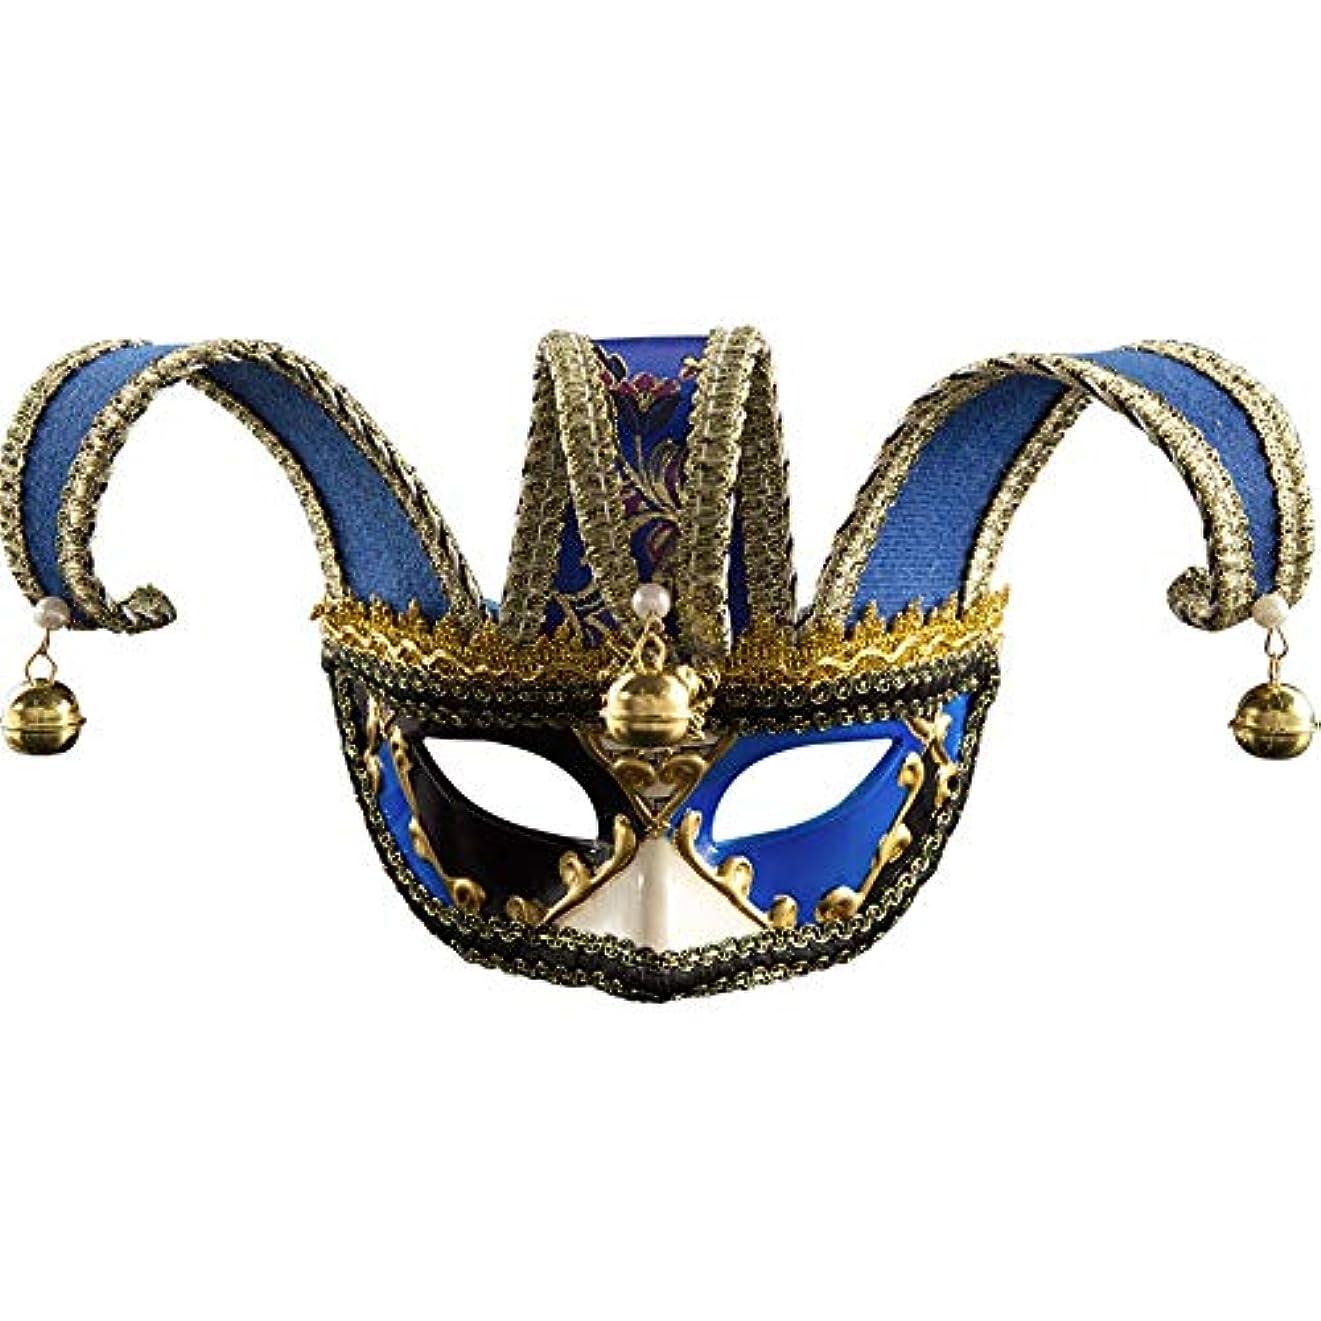 行く疑い者クルーズダンスマスク ナイトクラブ音楽カーニバルマスク雰囲気クリスマスフェスティバルプラスチックマスクイブニングパーティーボール ホリデーパーティー用品 (色 : 青, サイズ : 16.5x29cm)